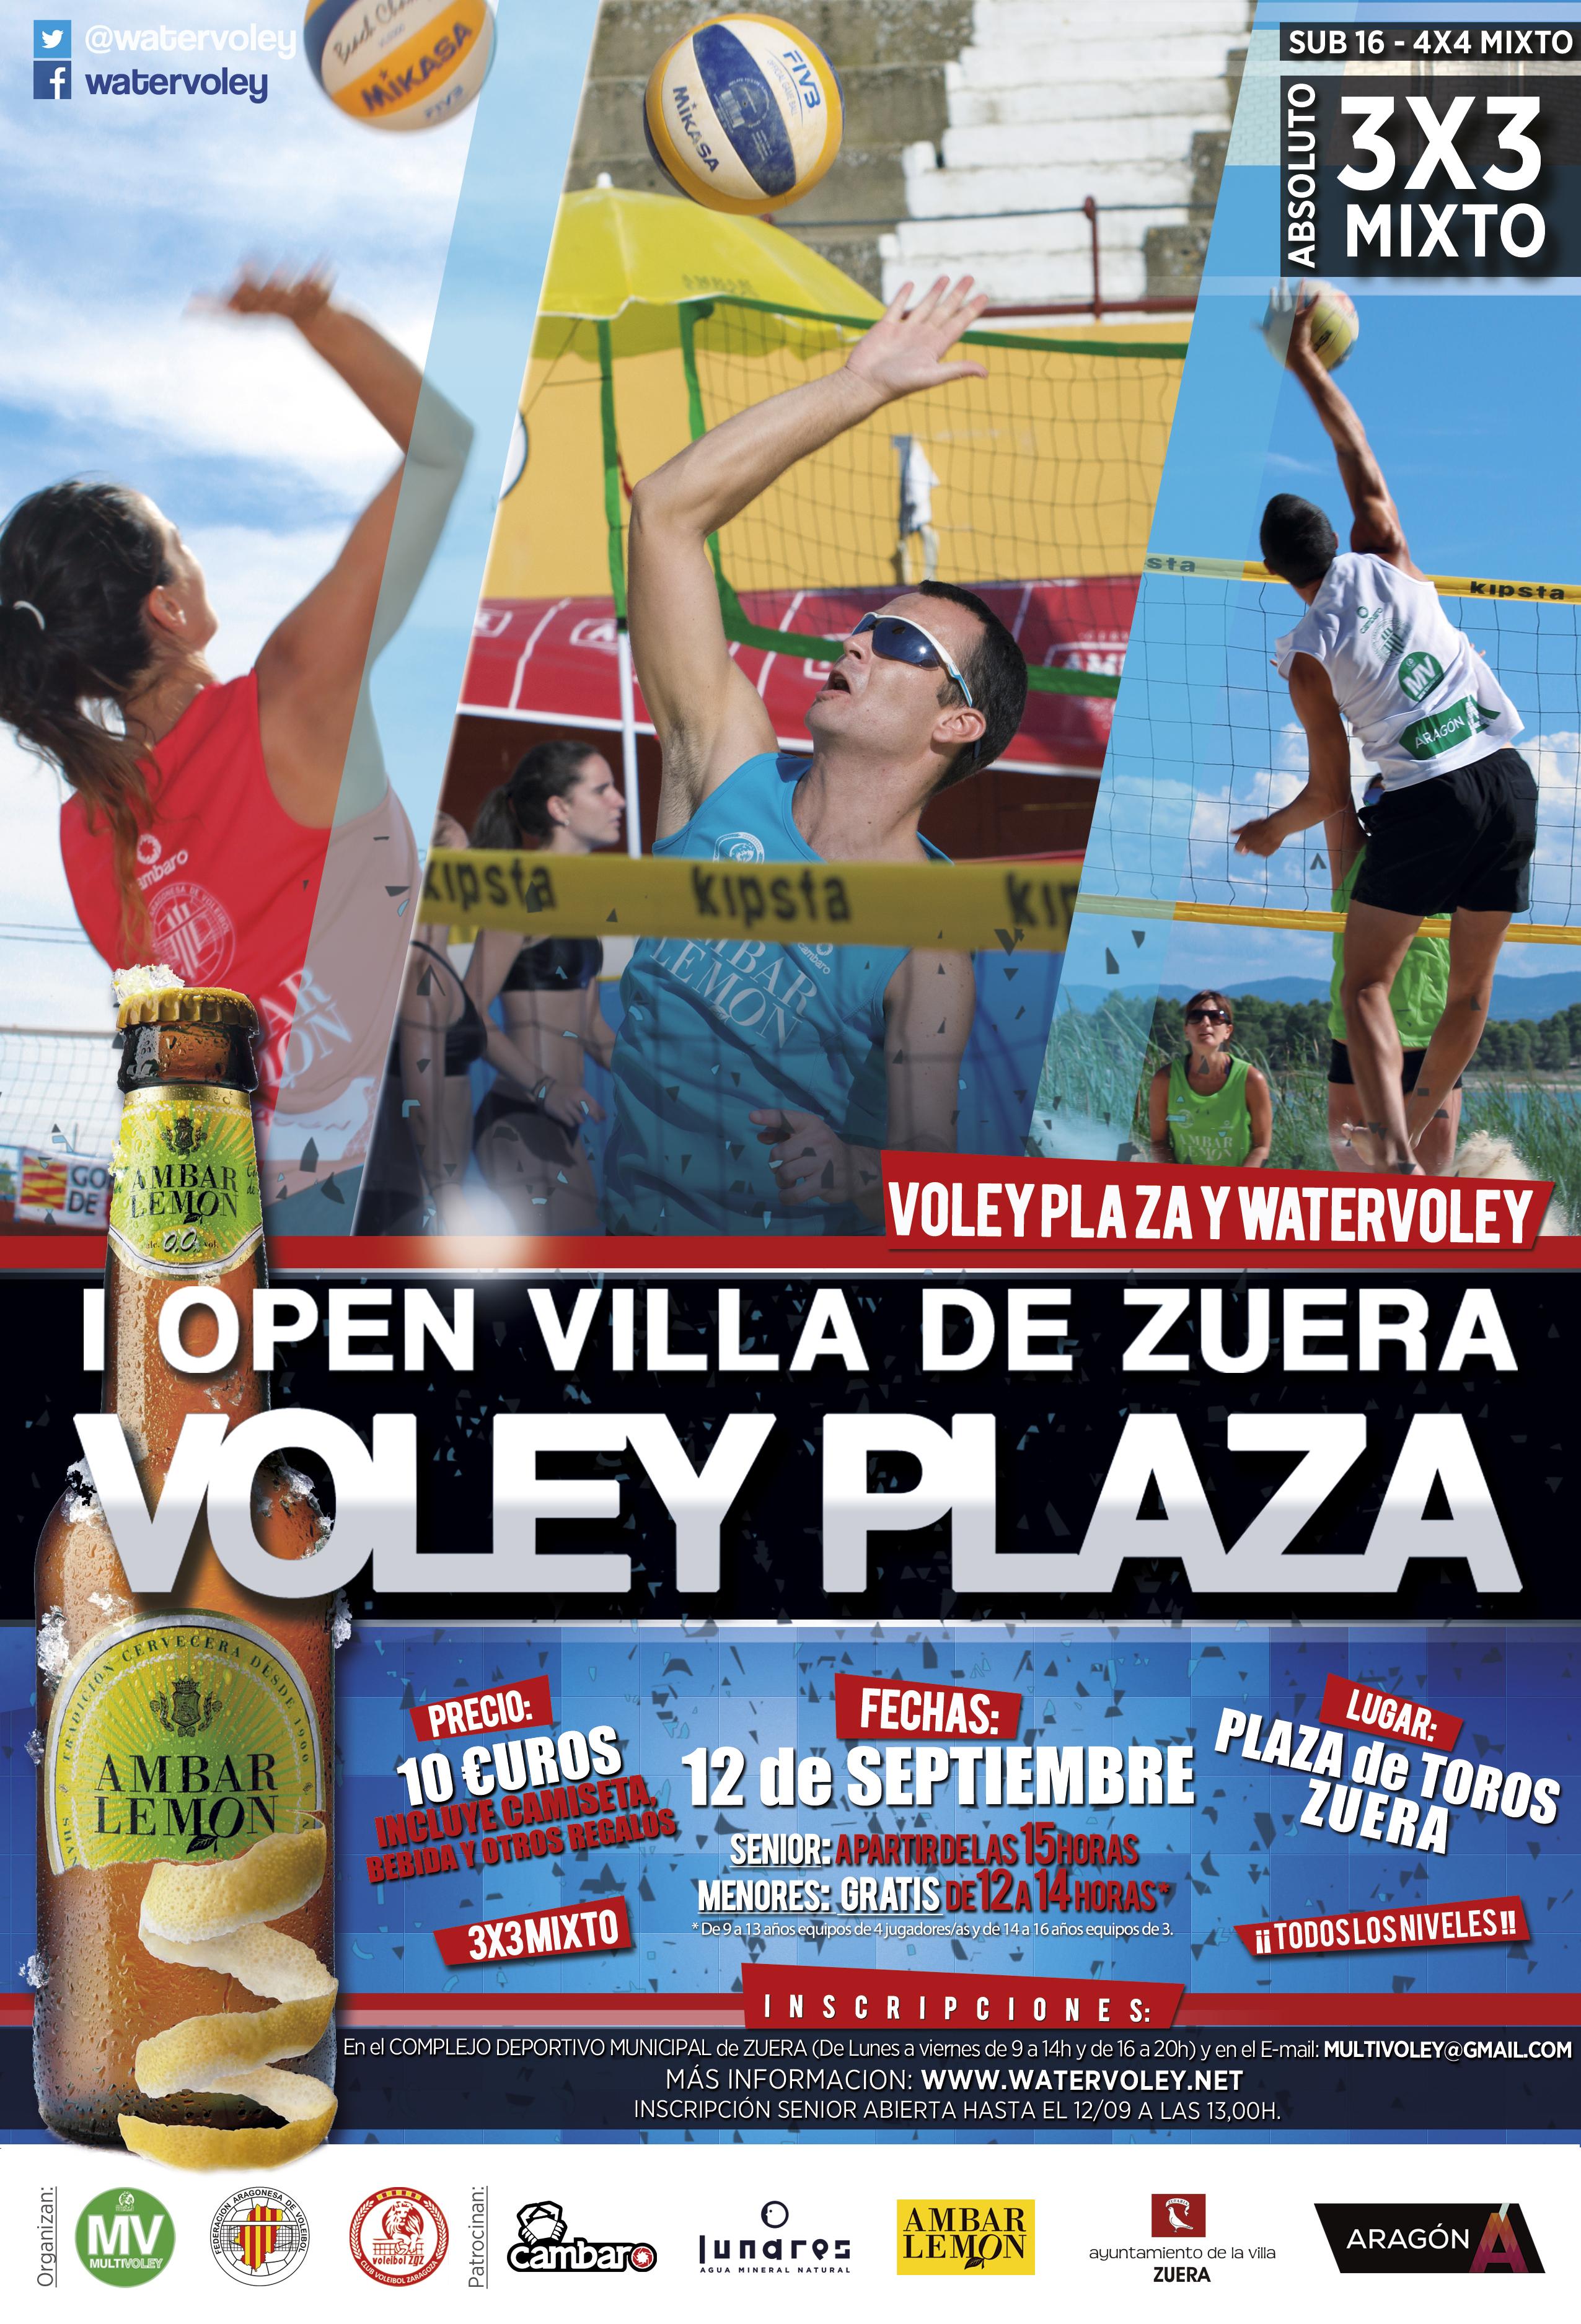 Circuito Zuera : Zuera acogerá su primer voley plaza el próximo día 12 water voley